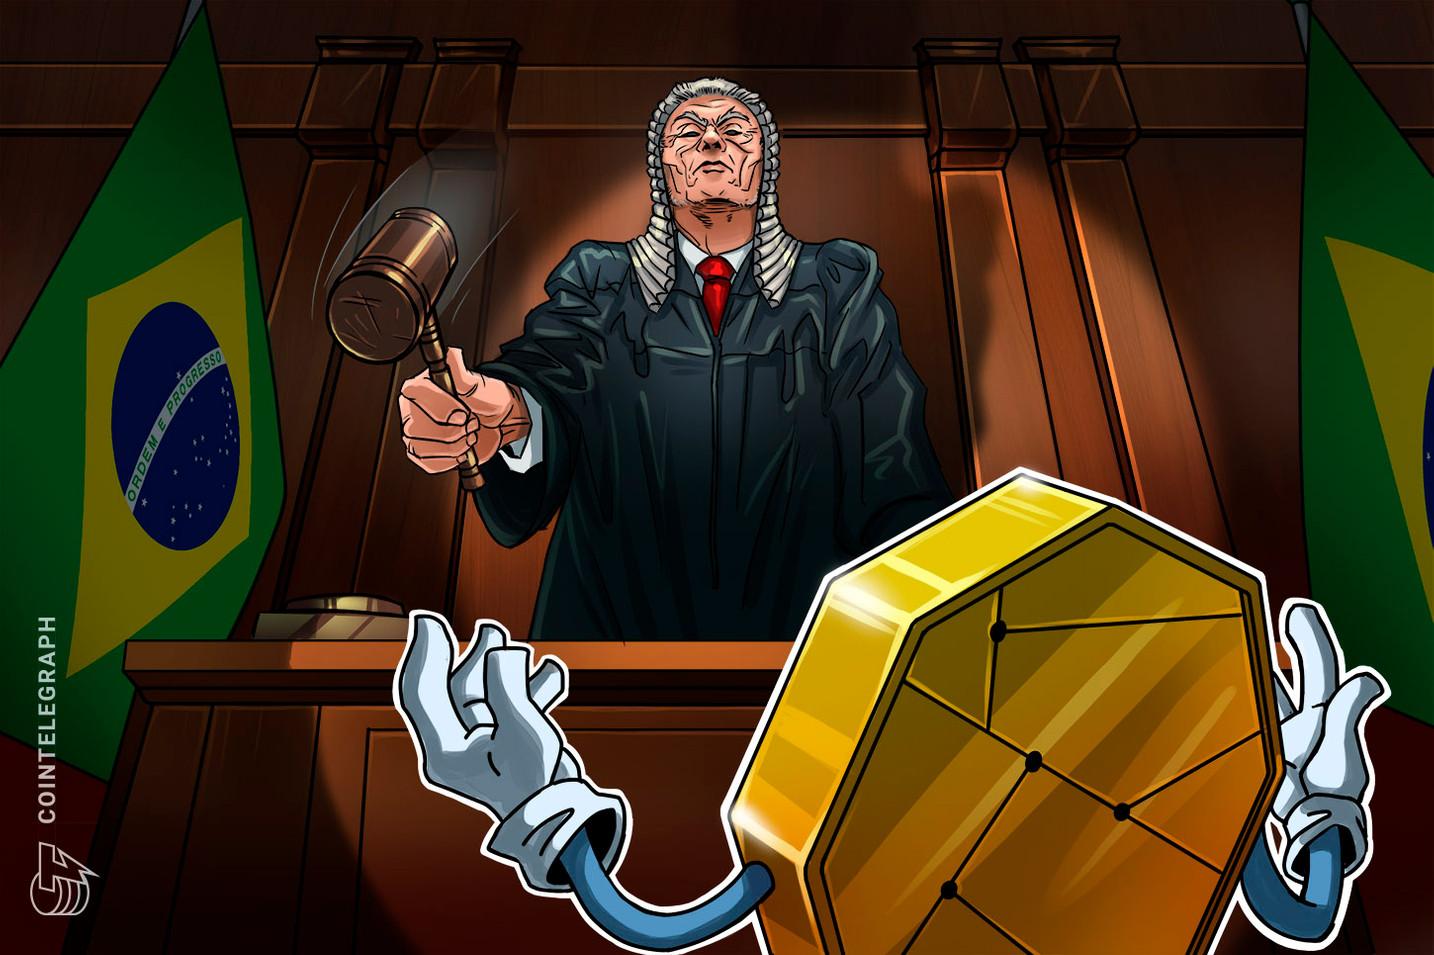 Justiça aciona Mercado Bitcoin, FoxBit, BitcoinToYou e NegocieCoins em busca de criptomoedas de Associação dos Aposentados